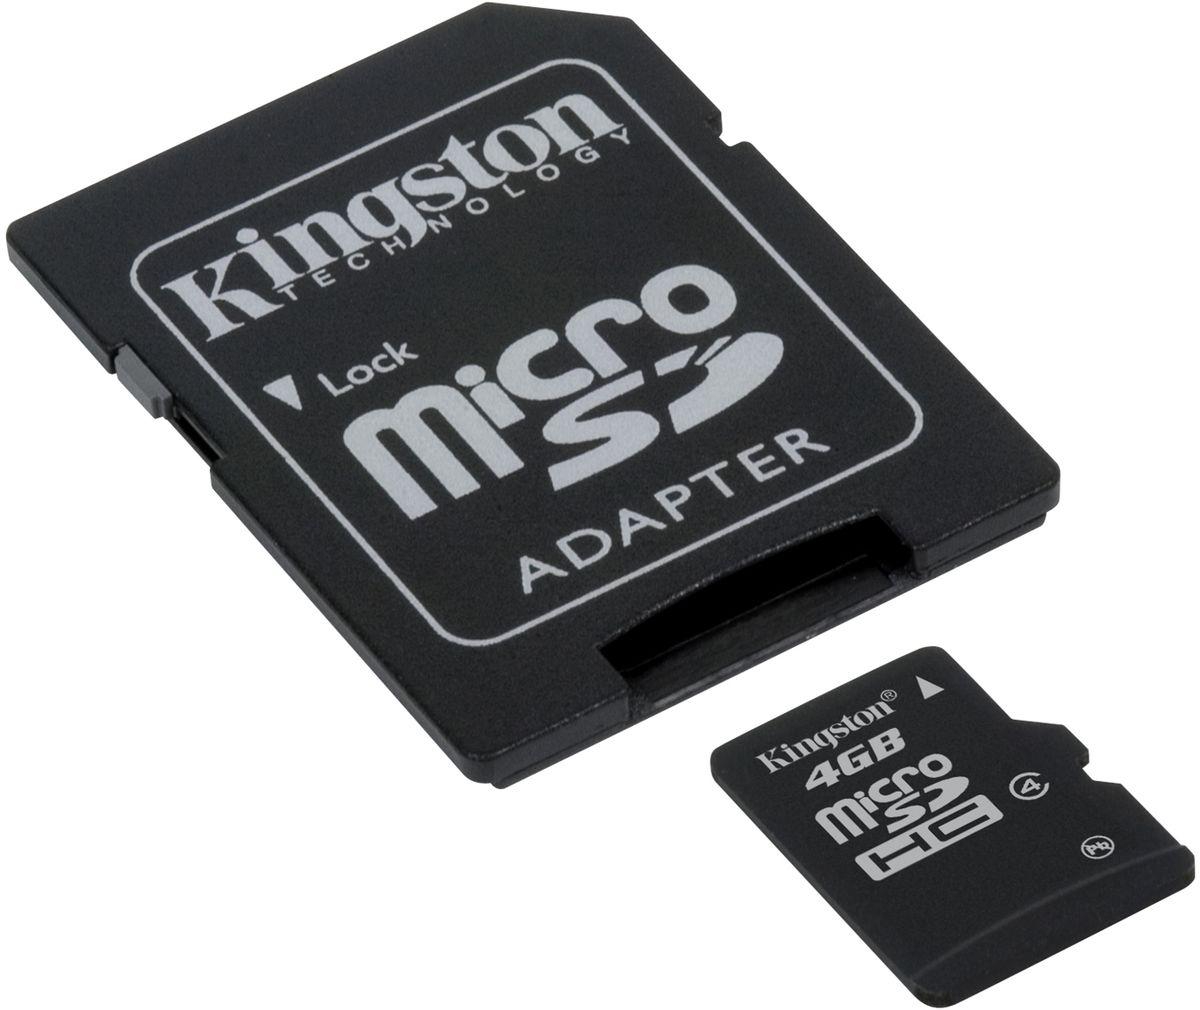 Kingston microSDHC Class 4 4GB карта памяти с адаптеромSDC4/4GBКарты microSDHC позволяют хранить большие объемы музыки, видео, изображений, игр в современных мобильных устройствах. Флэш-карты microSDHC относятся к 4 скоростному классу, т.е. максимальная скорость передачи данных составляет 4 Мб/с. По размерам карты microSDHC совпадают с картами microSD, но совместимы только с устройствами, поддерживающими стандарт microSDHC в соответствии со спецификацией SD Specification Version 2.0. Карты microSDHC можно использовать с адаптером как полноразмерные карты SDHC. Внимание: перед оформлением заказа, убедитесь в поддержке вашим электронным устройством карт памяти данного объема.